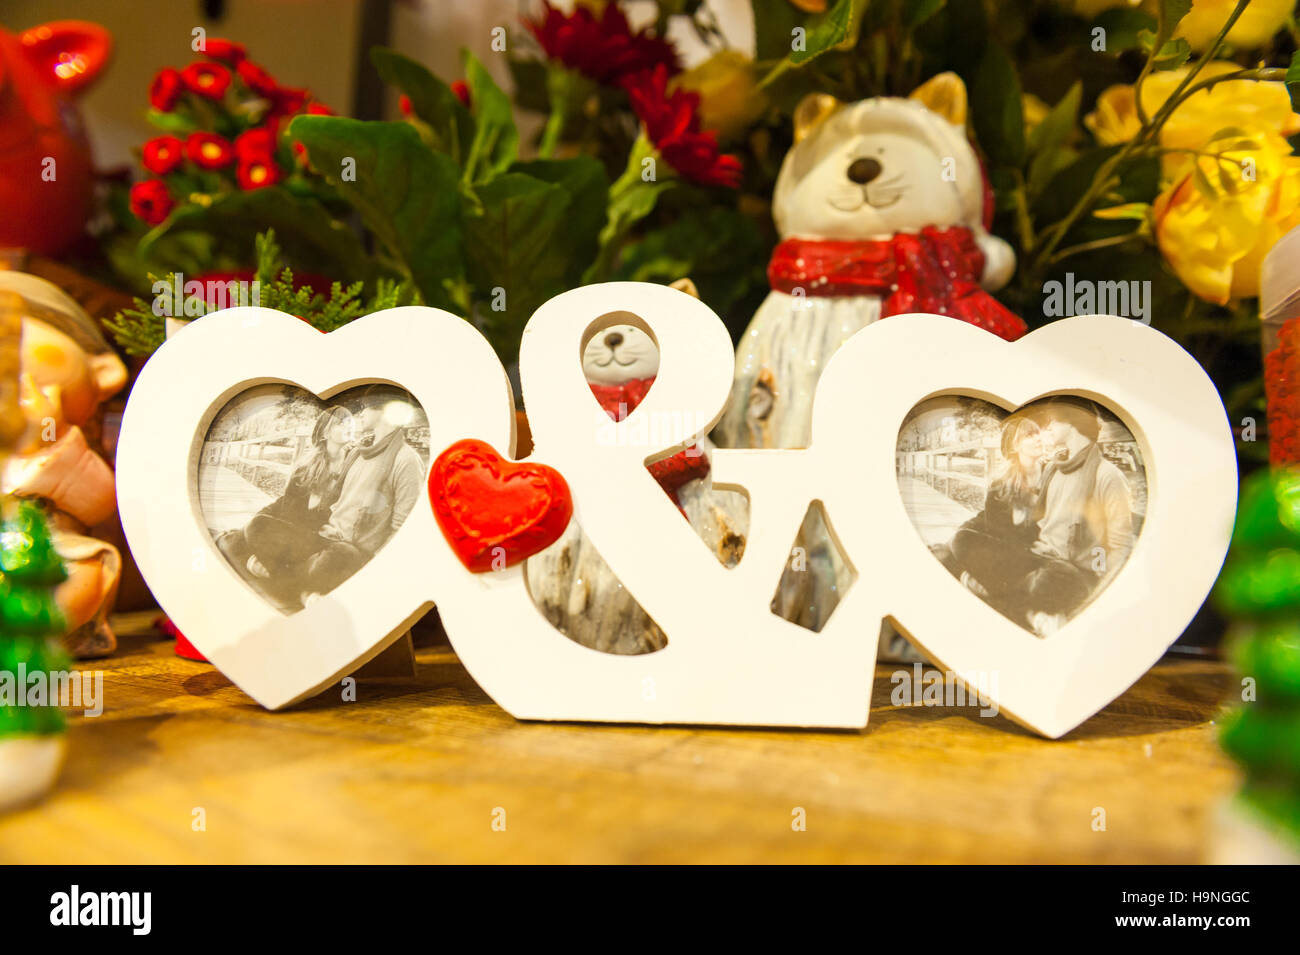 Herzförmigen Fotorahmen auf Holztisch vor dem Hintergrund von ...